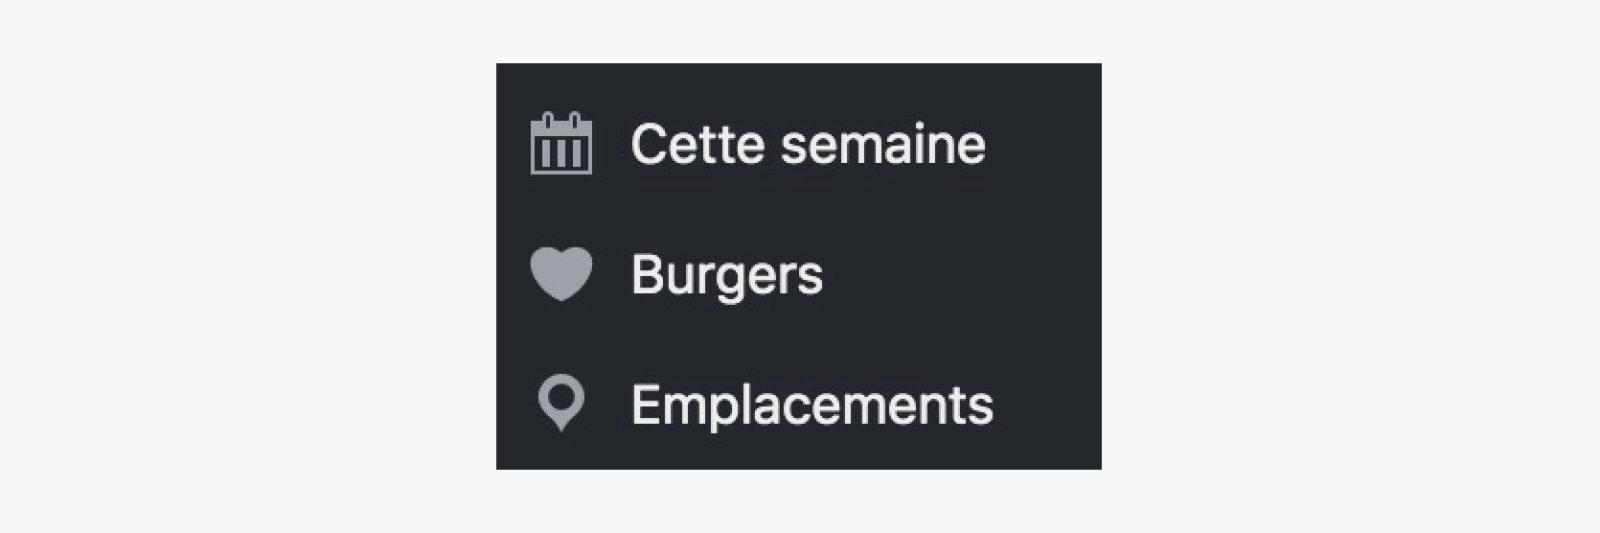 Les 3 menus importants pour le client : Cette semaine, Burgers, Emplacements